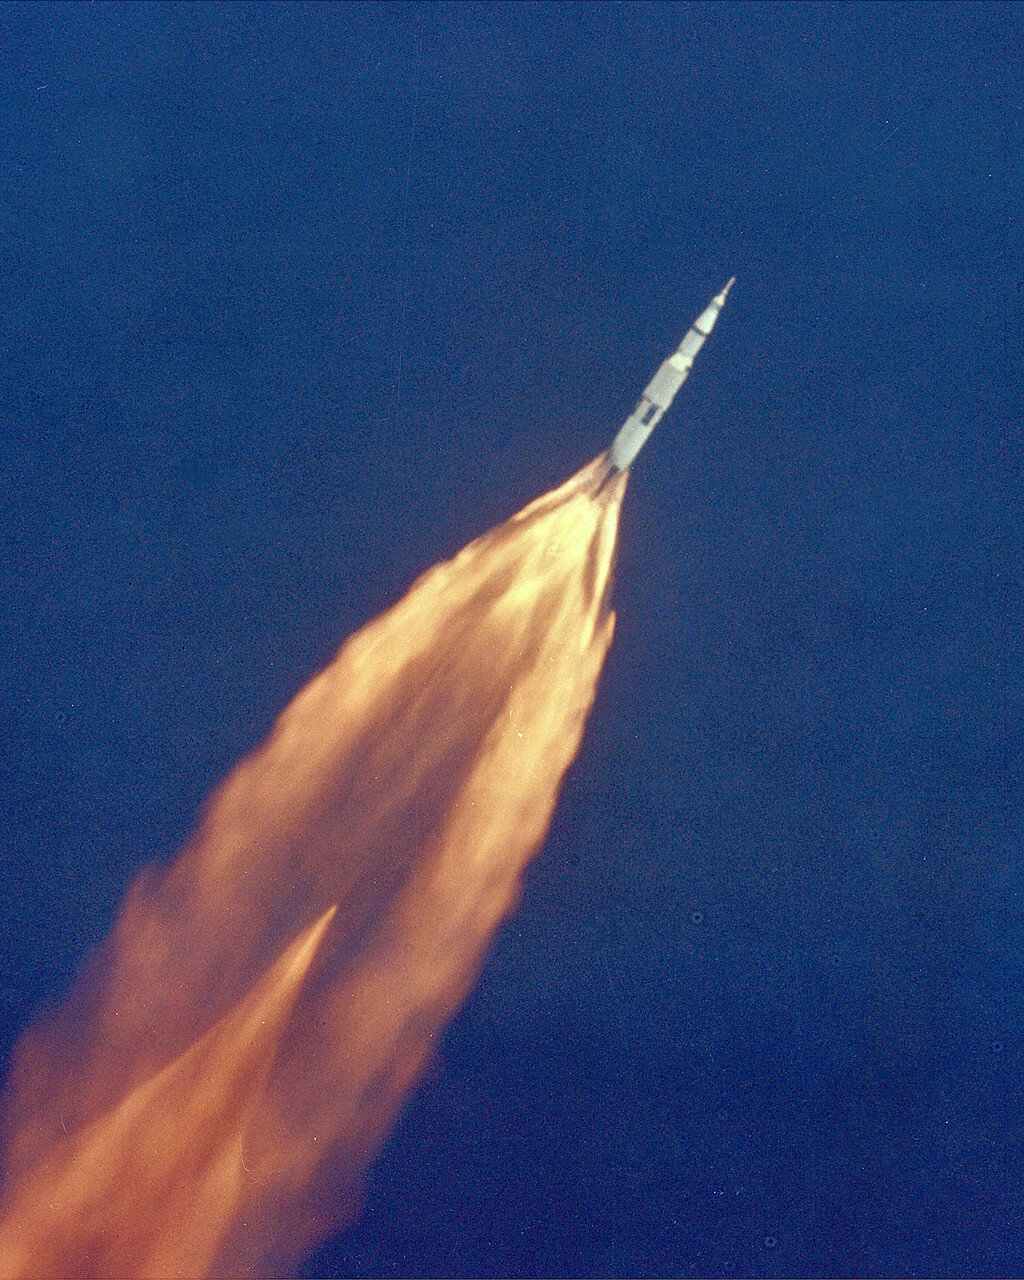 1969. Все три ступени ракеты-носителя во время взлёта отработали штатно. Через 11 минут 42 секунды после старта «Аполлон-11», набрав скорость 7,79 км/с, вышел на практически круговую околоземную орбиту высотой 190,8 км.